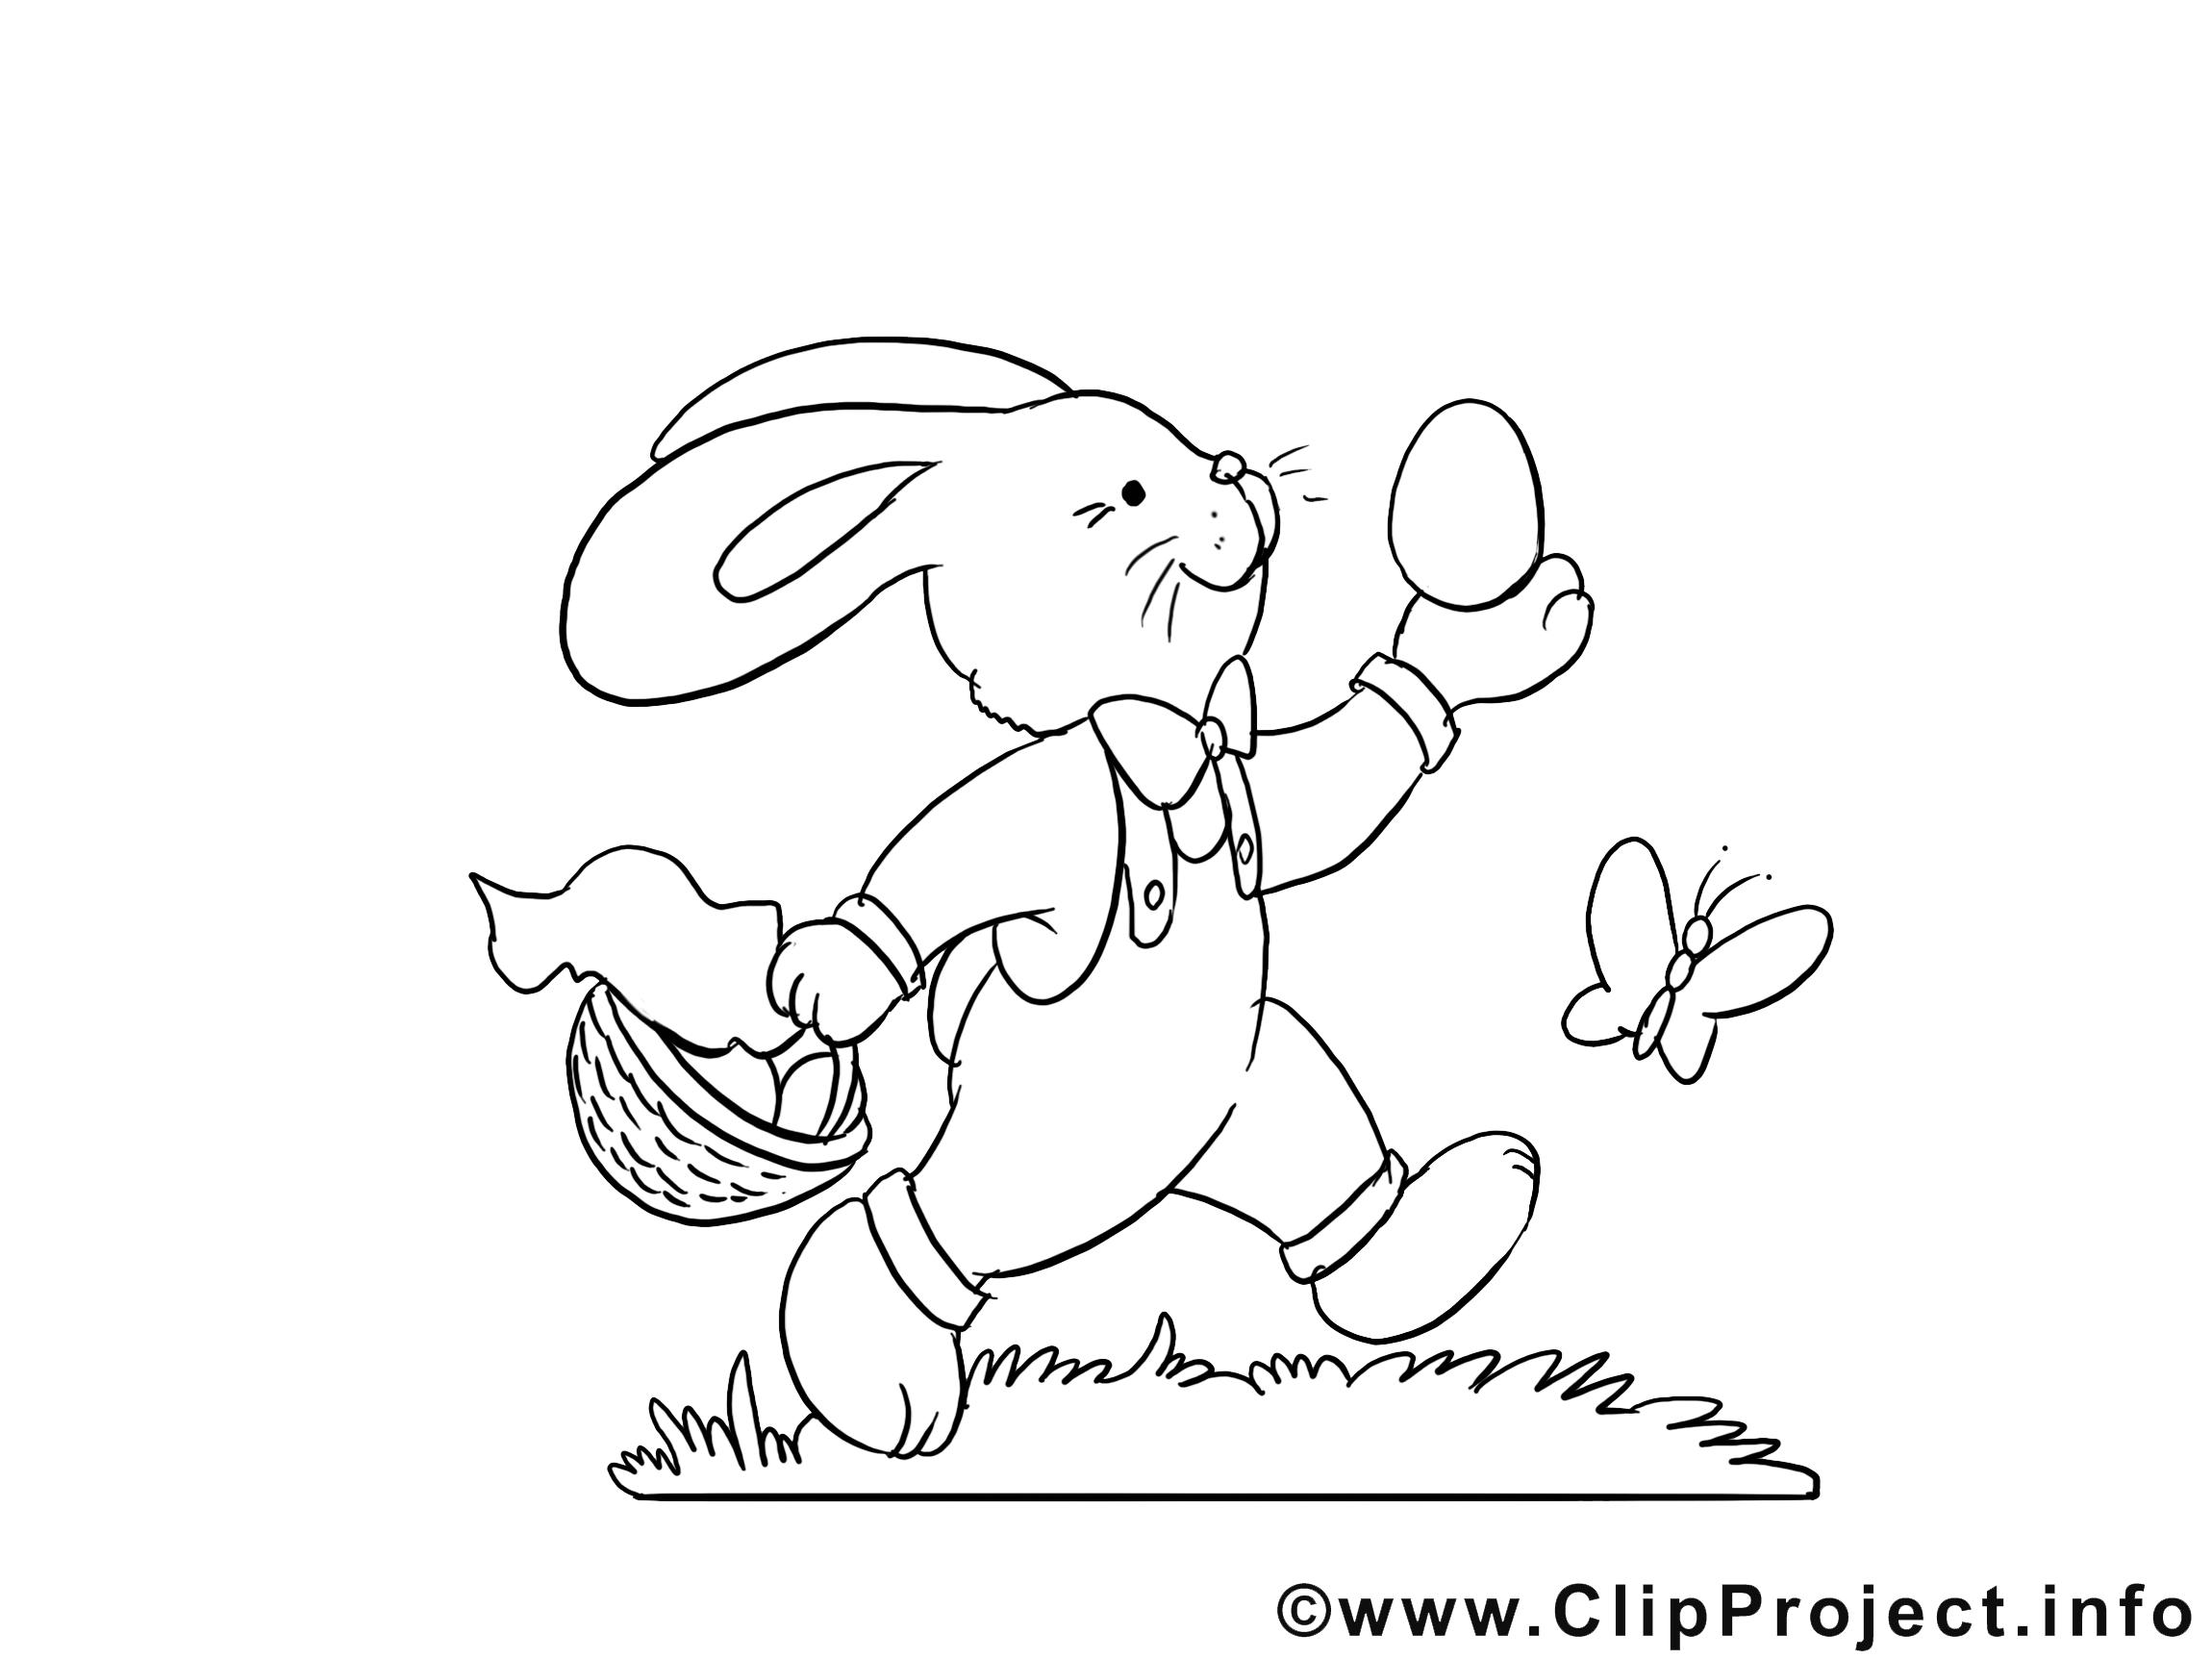 Lapin Dessin À Imprimer - Pâques Clip Arts Gratuits - Pâques concernant Dessin De Lapin A Imprimer